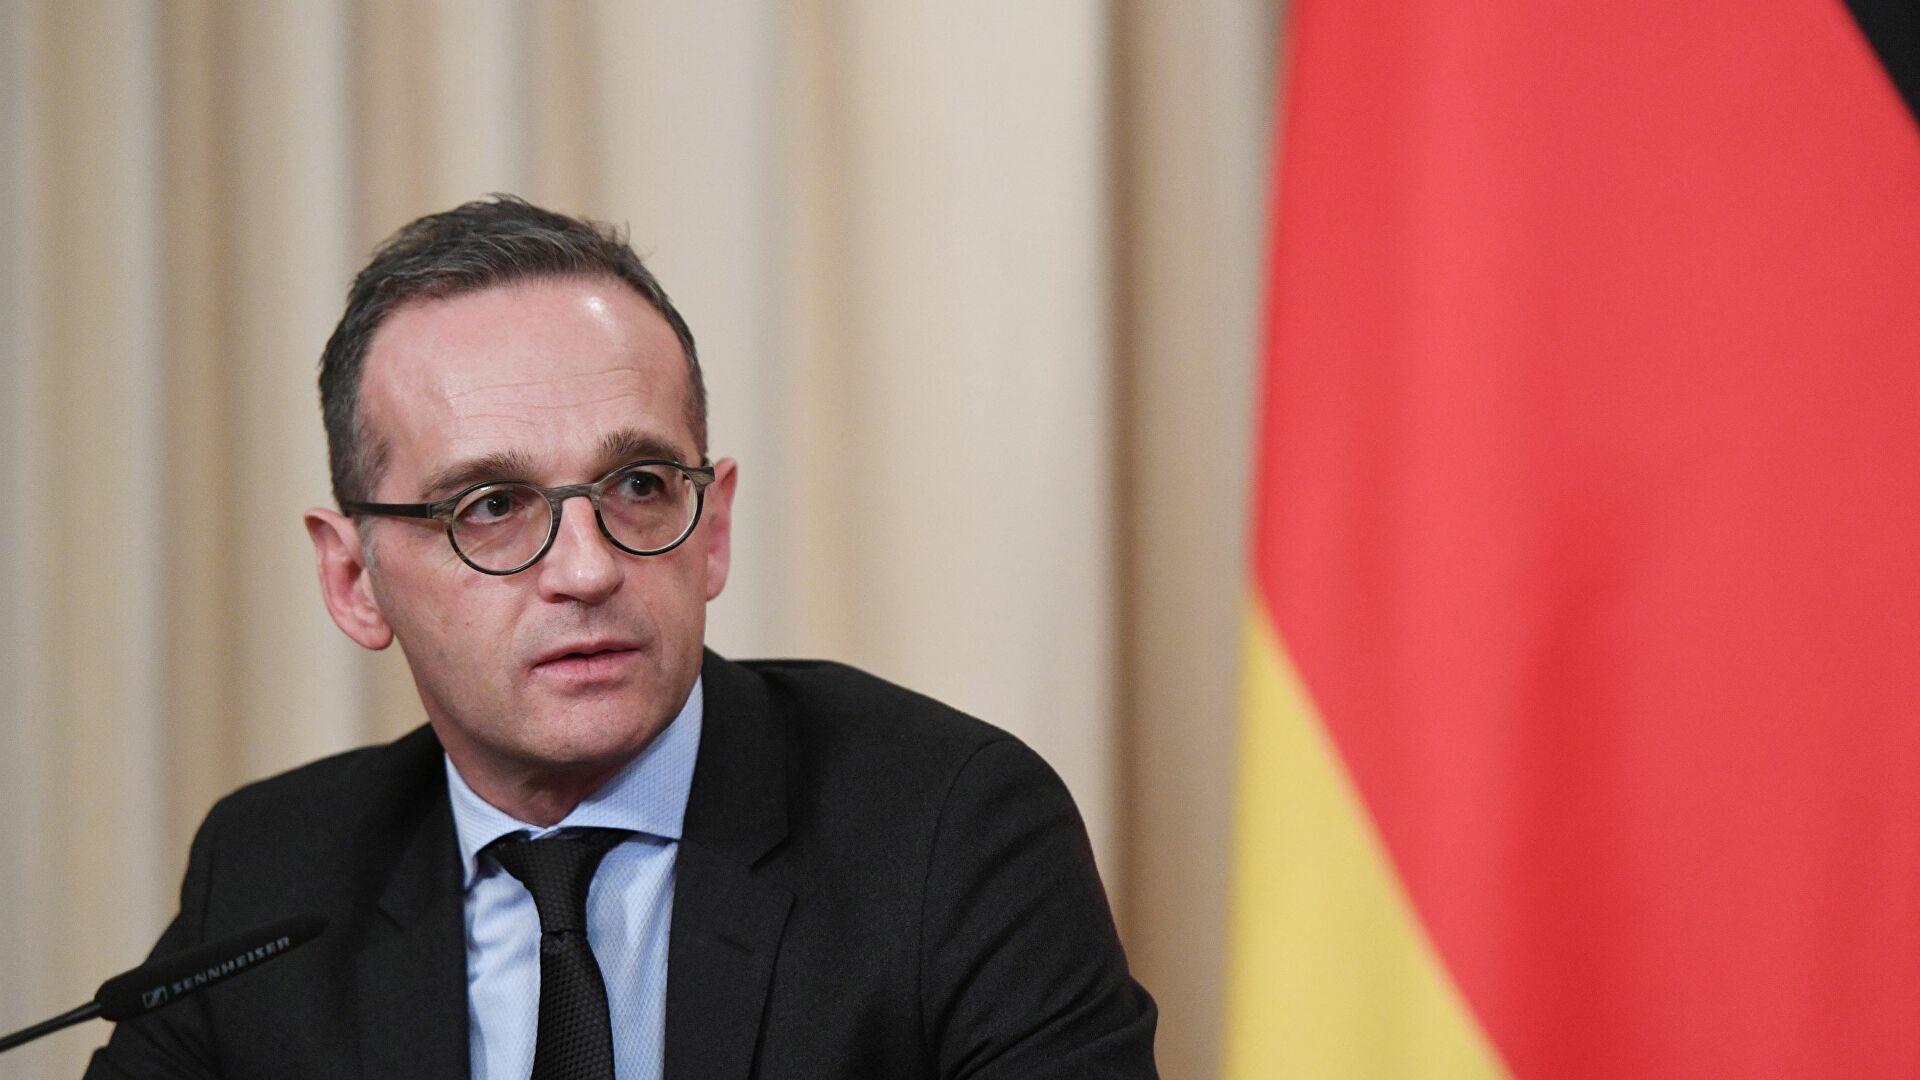 Мас: НАТО треба да пружи заједнички одговор на руску агресију и дезинформације